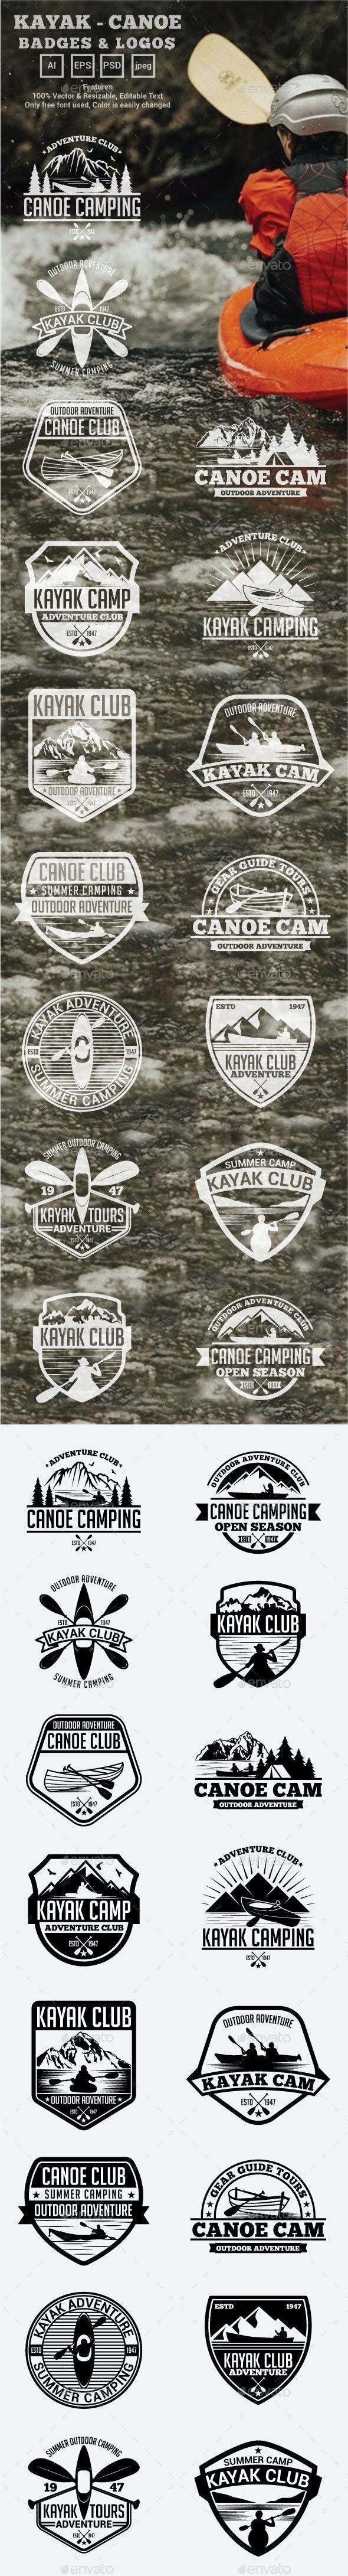 Kayak - Canoe Badges & Logos - Badges & Stickers Web Elements